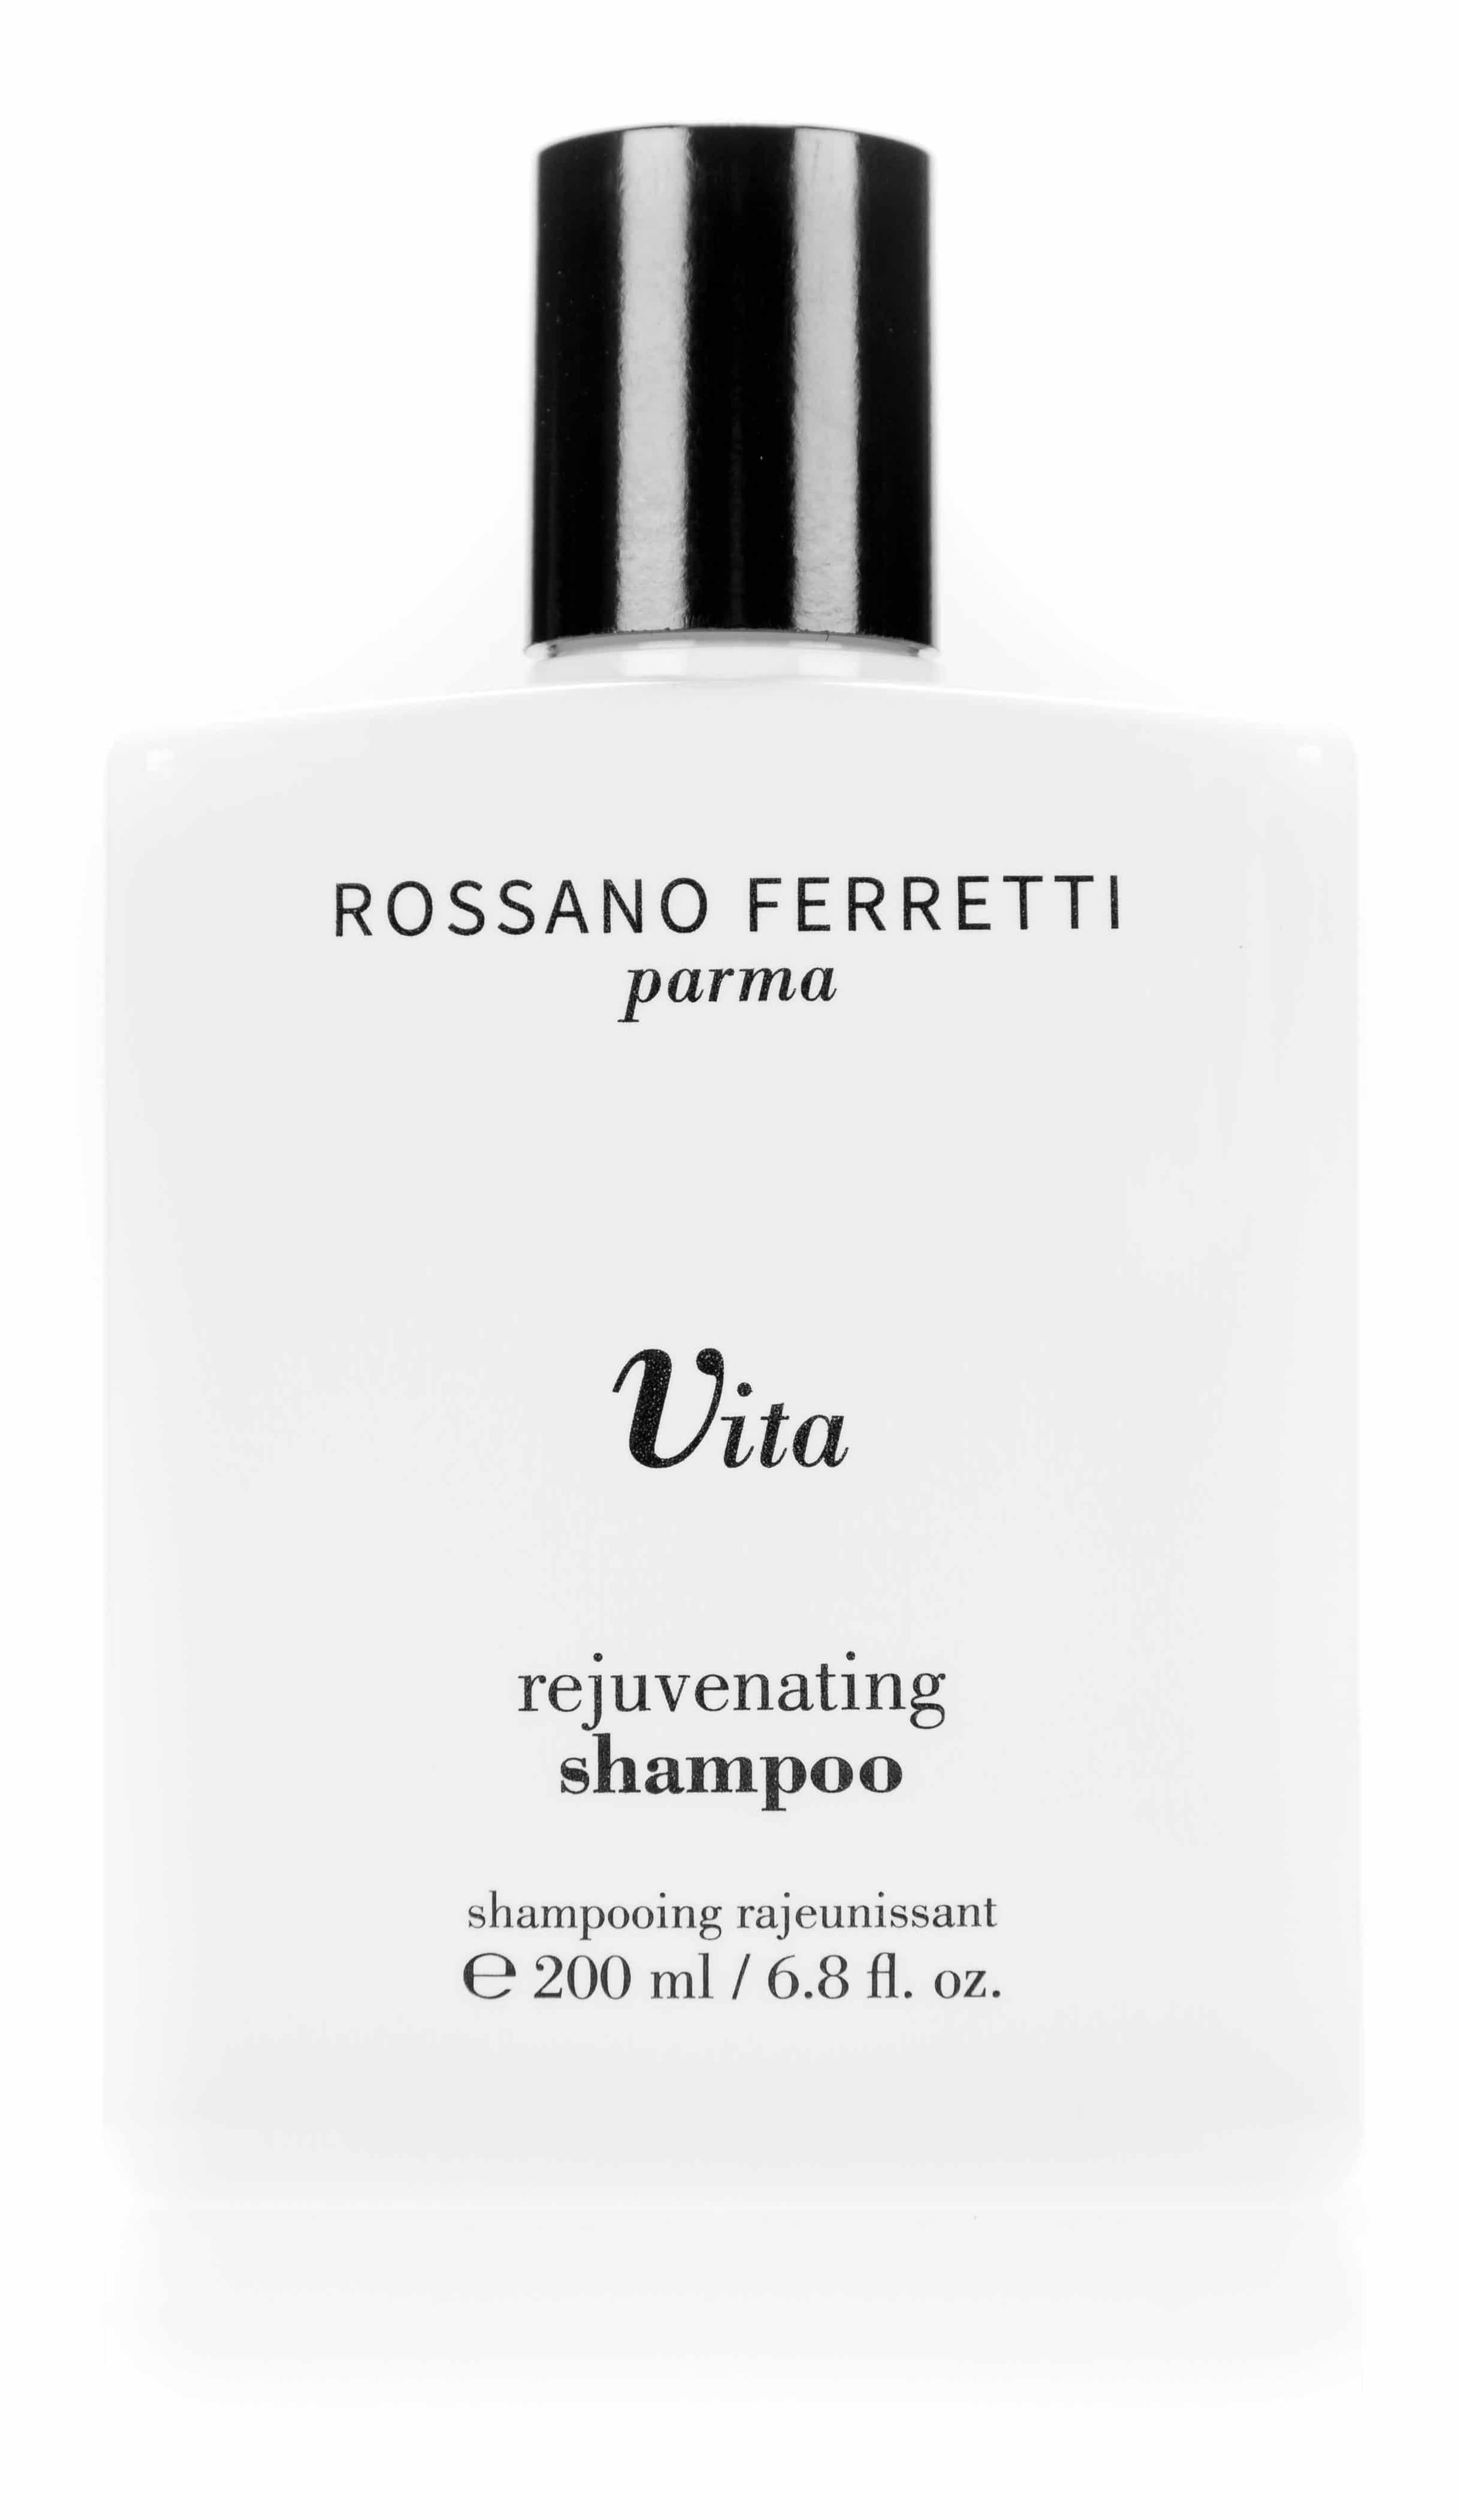 Rossano Ferretti Parma, Vita Rejuvenating Shampoo: il delicato e naturale shampoo per capelli rinforzati e sani